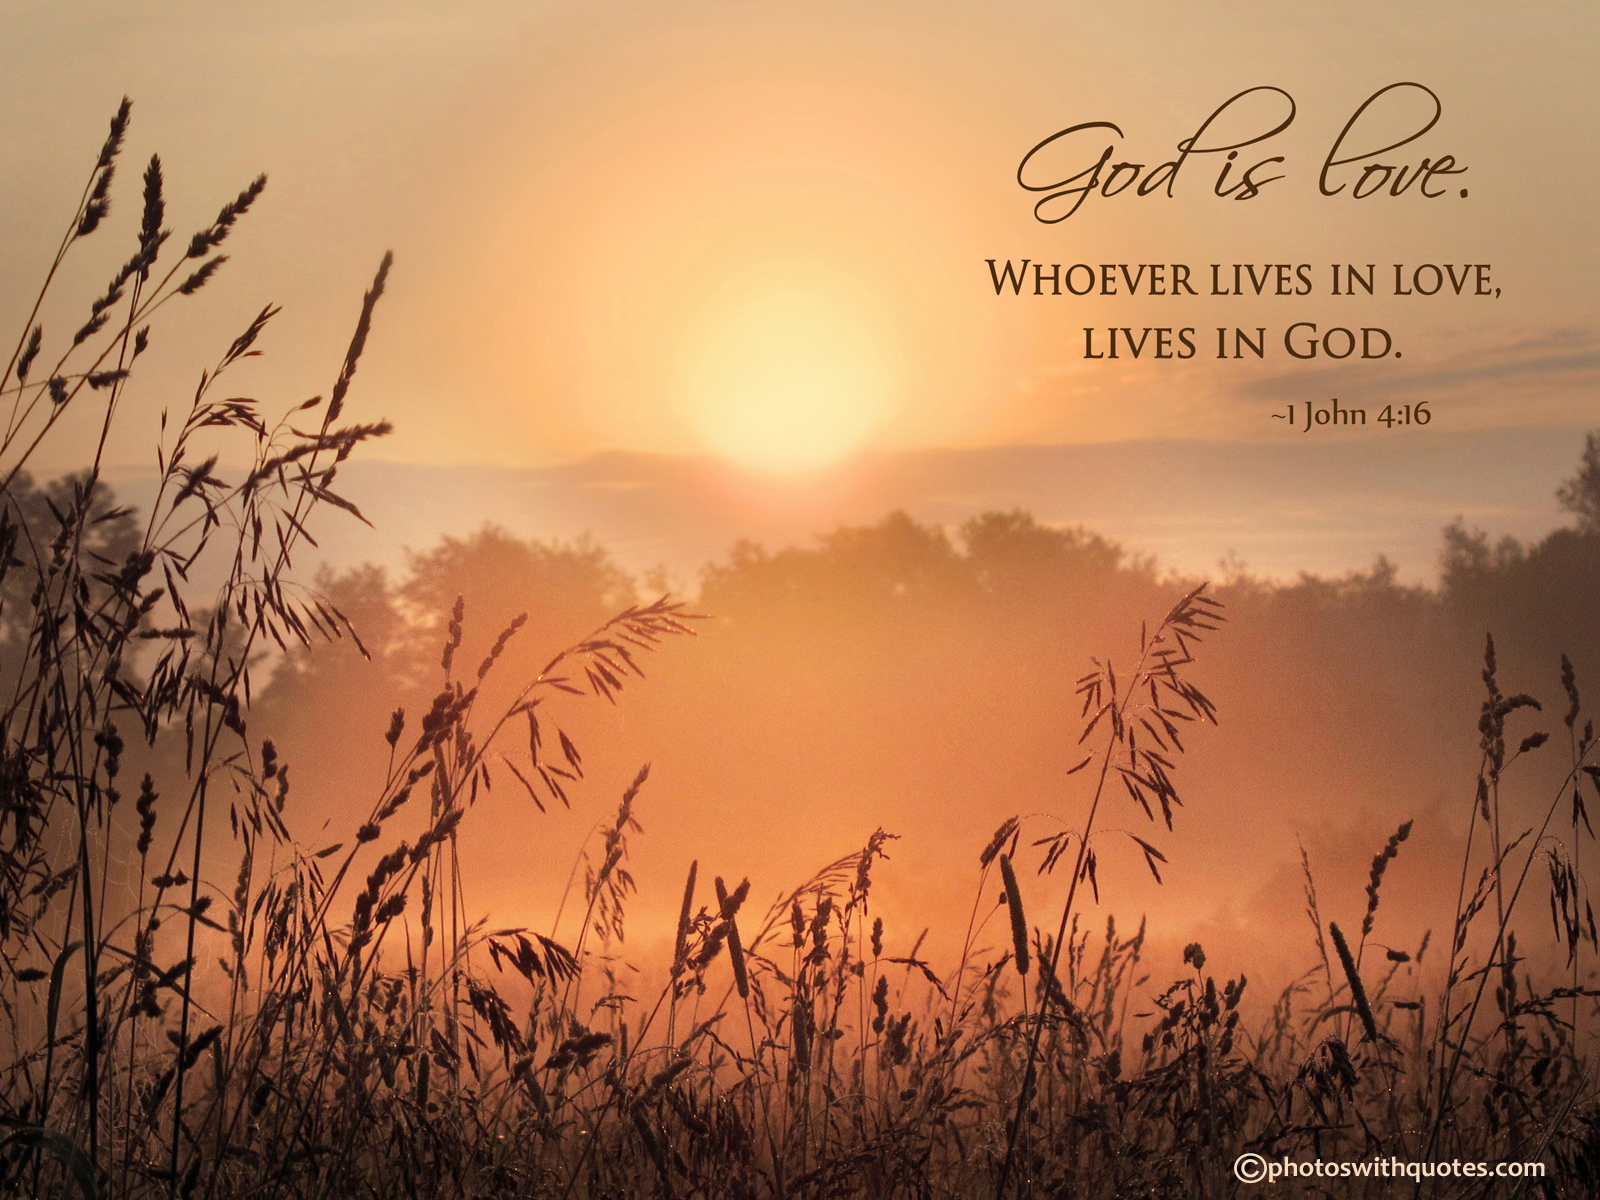 God is love   1600x1200 Wallpaper 1600x1200